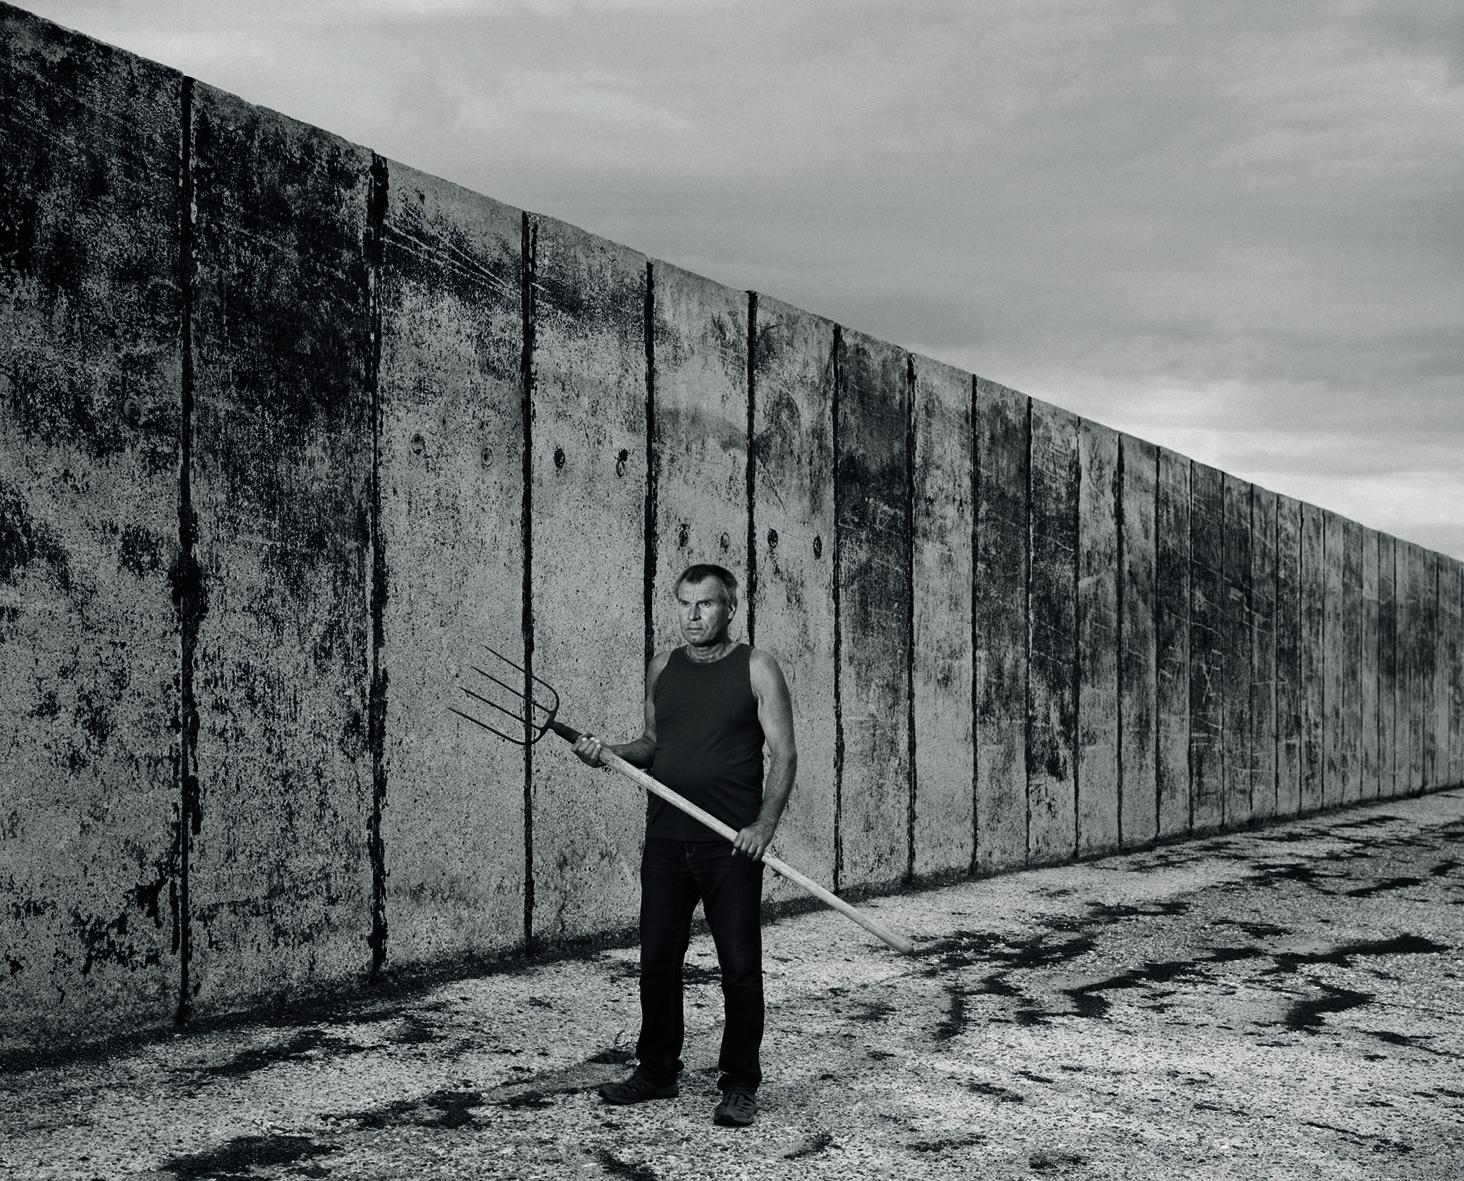 """Fr, 14.02., 18 Uhr: """"Looking for Freedom"""". Videotee im Rahmen der Ausstellung """"Von Menschen und Mauern"""". Schloss Biesdorf.  © Erasmus Schröter, Komparsen Mann 19, 2016"""